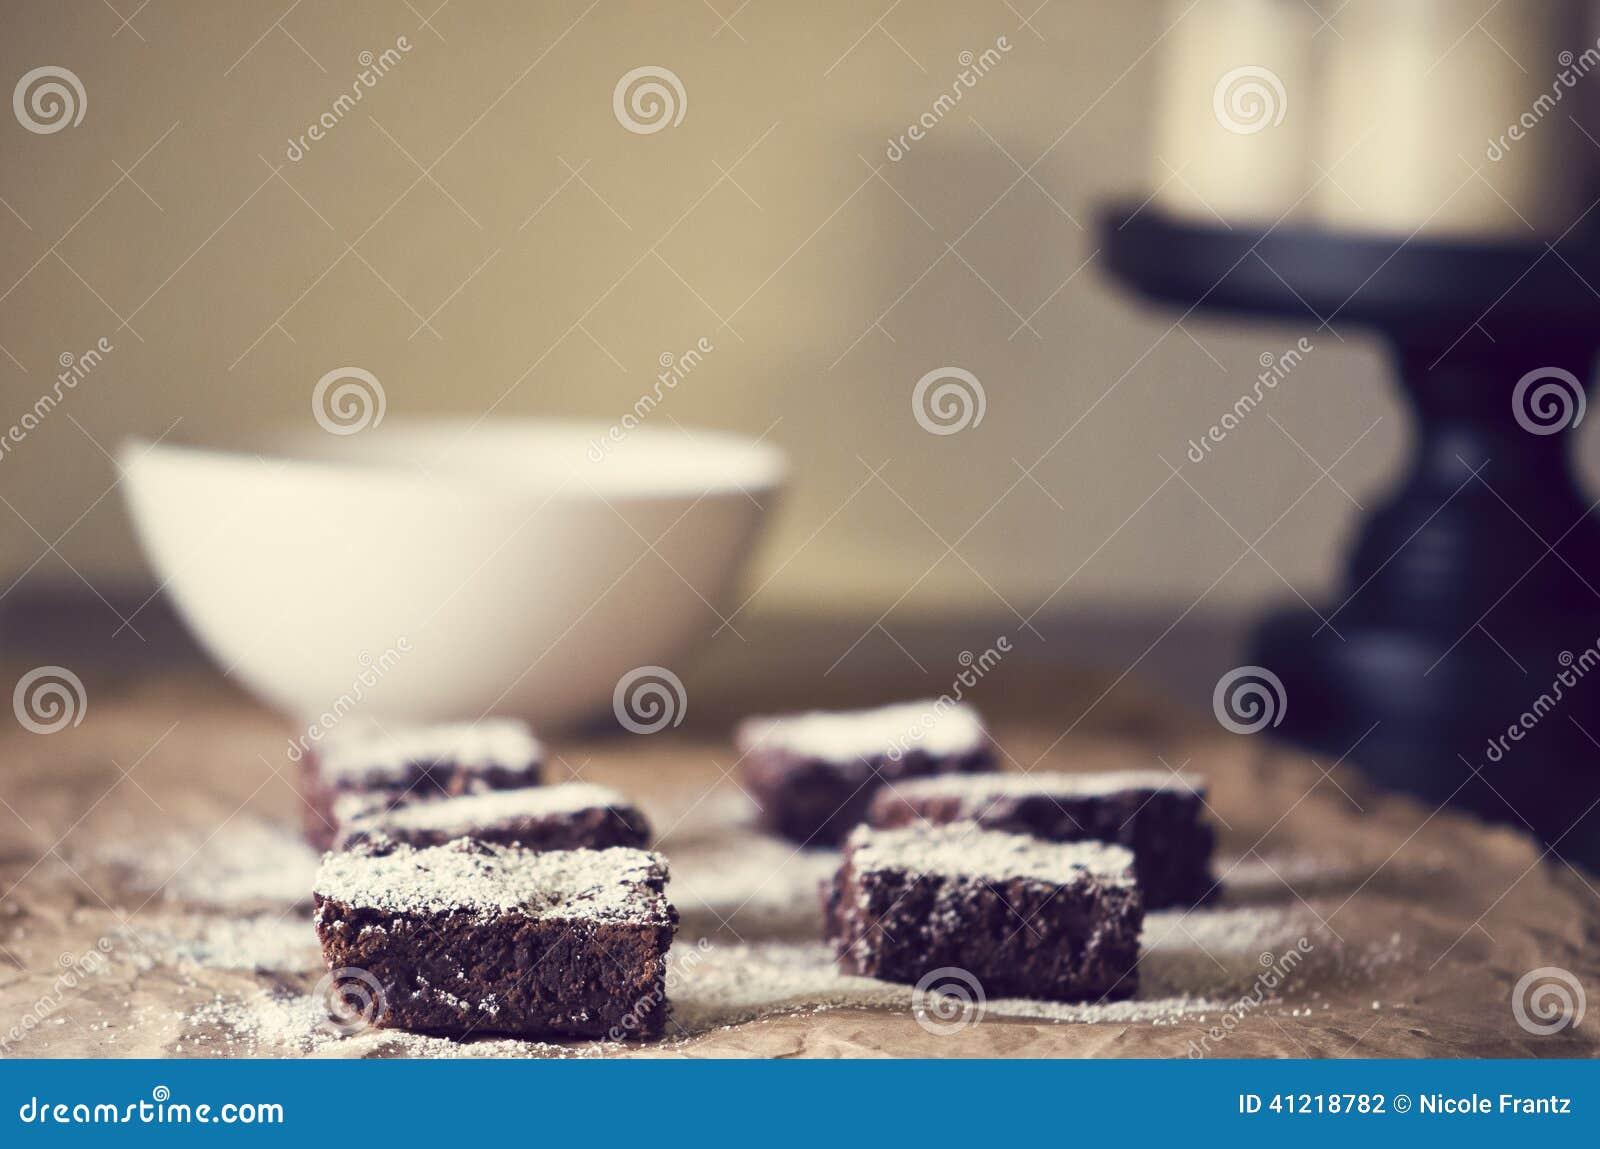 http://thumbs.dreamstime.com/z/chocolate-fudge-brownies-powdered-sugar-brown-background-41218782.jpg